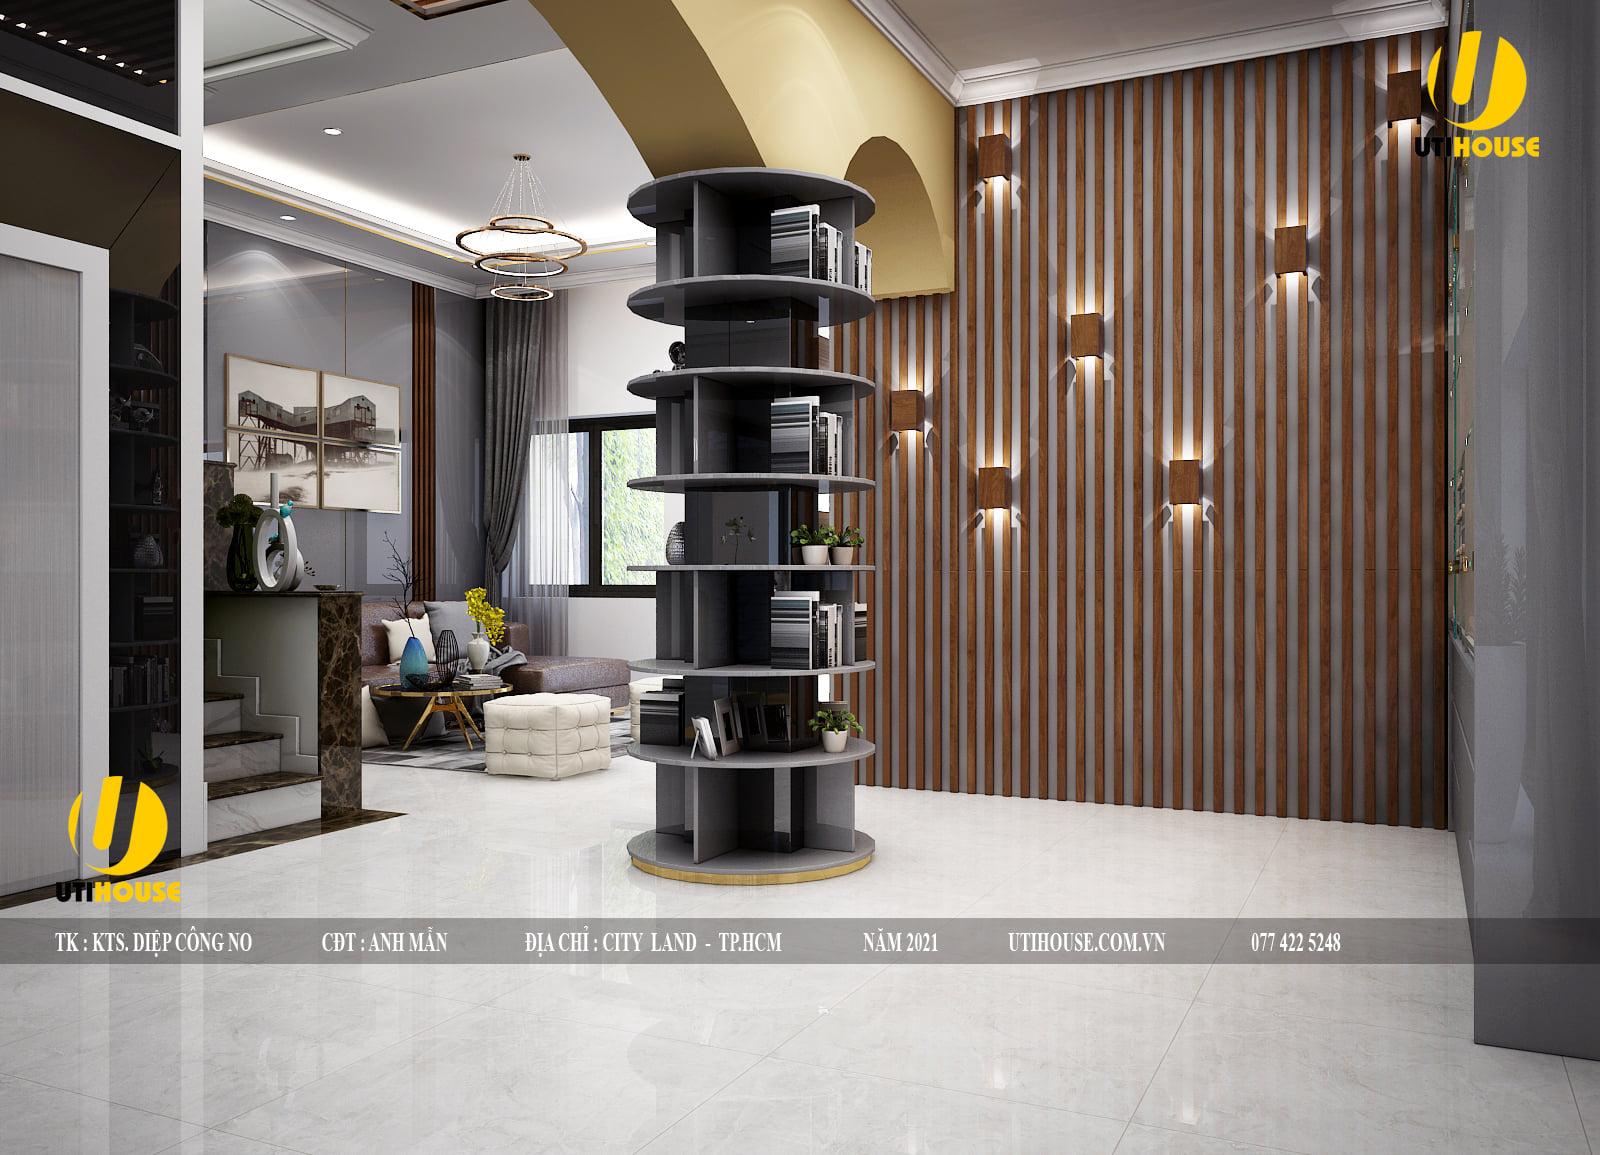 Mẫu thiết kế nội thất lấp lánh ánh kim vàng đồng